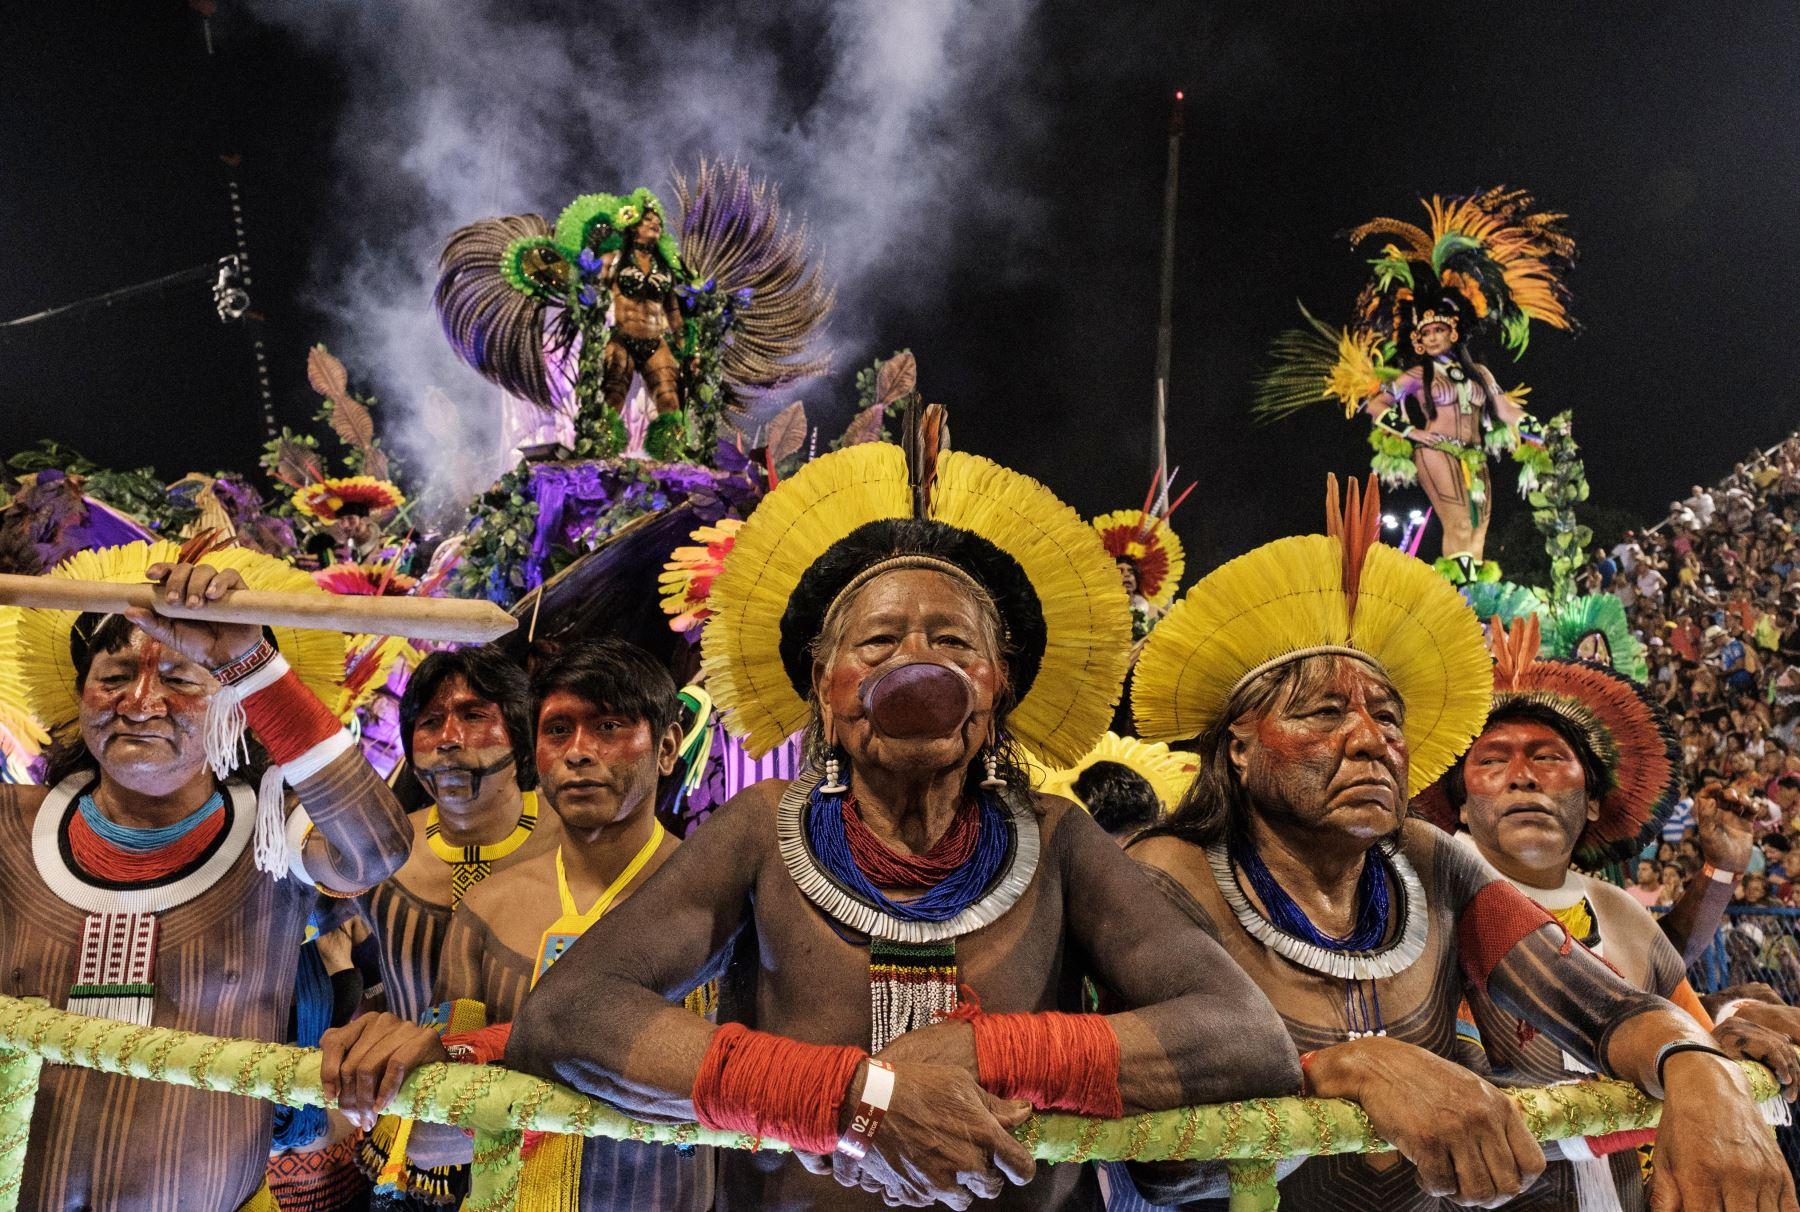 Indígenas desfilaron con la escuela de samba Imperatriz, durante la primera noche del Carnaval de Río. Foto: AFP